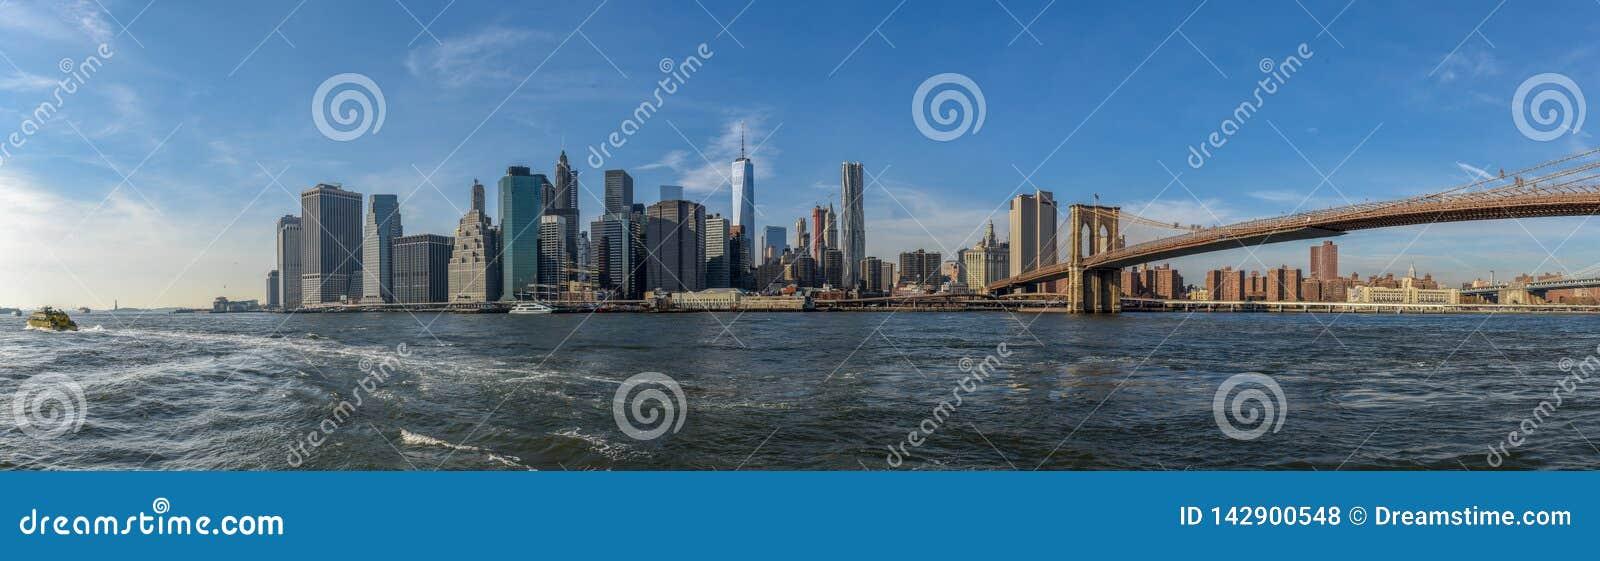 Ορίζοντας του Μανχάταν μια ηλιόλουστη ημέρα με τη γέφυρα του Μπρούκλιν κατά την άποψη